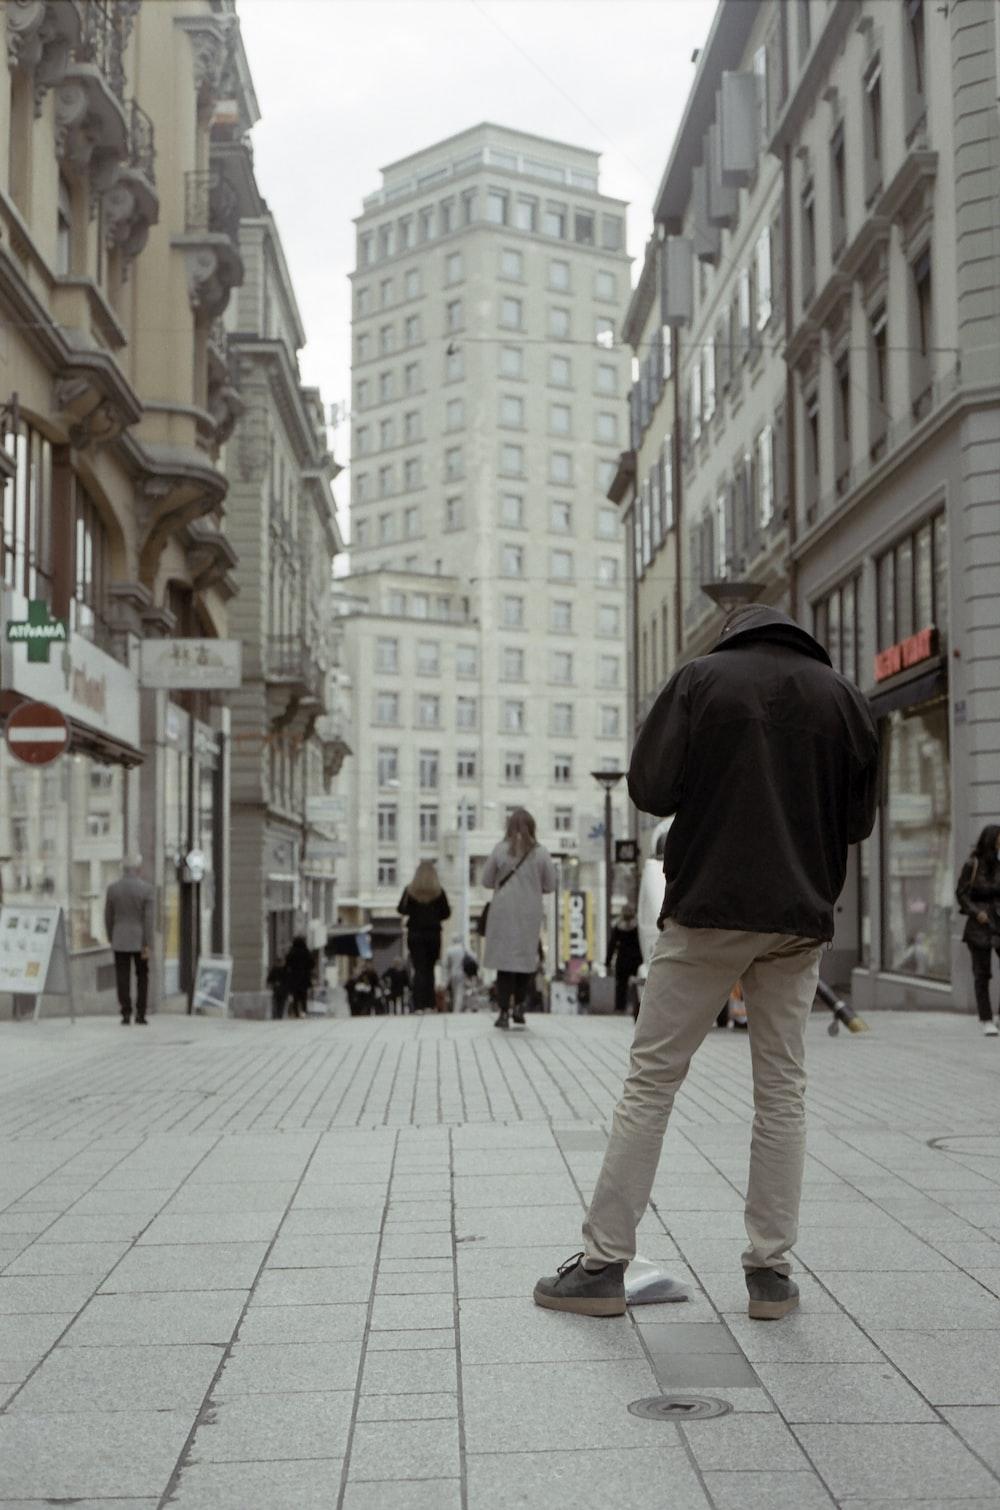 man in black hoodie and gray pants walking on sidewalk during daytime